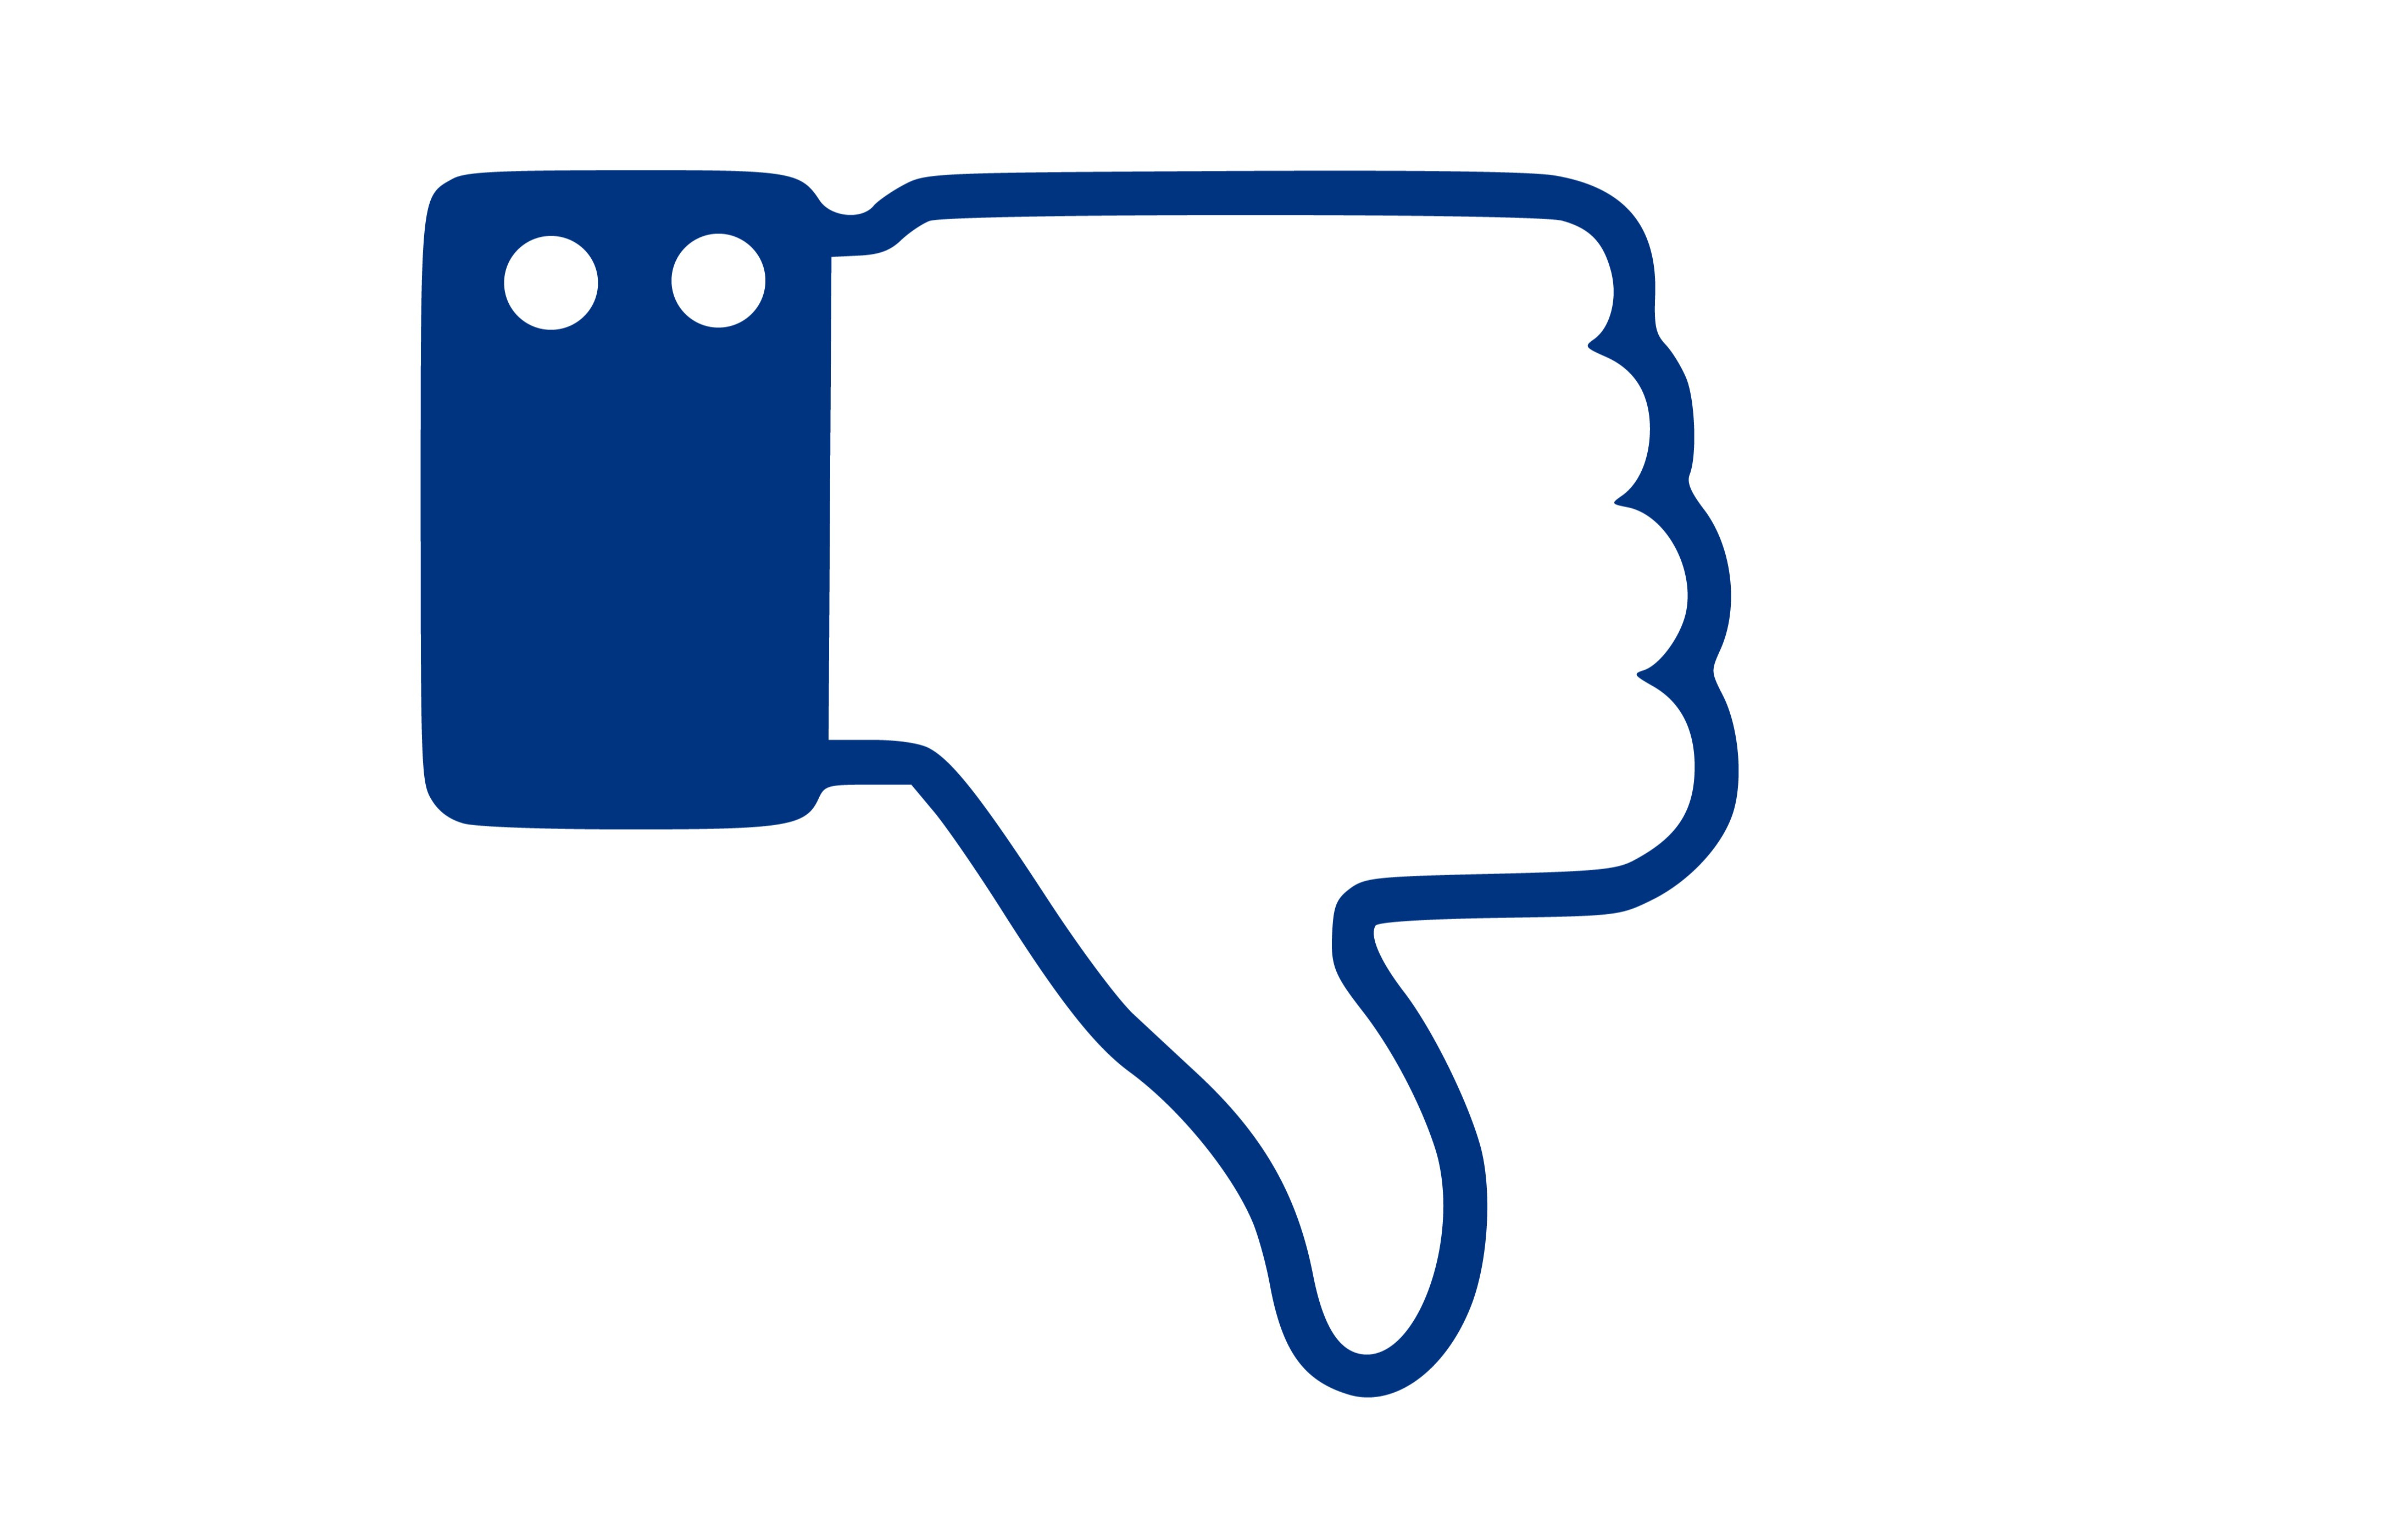 facebook-dislike-thumb.jpg